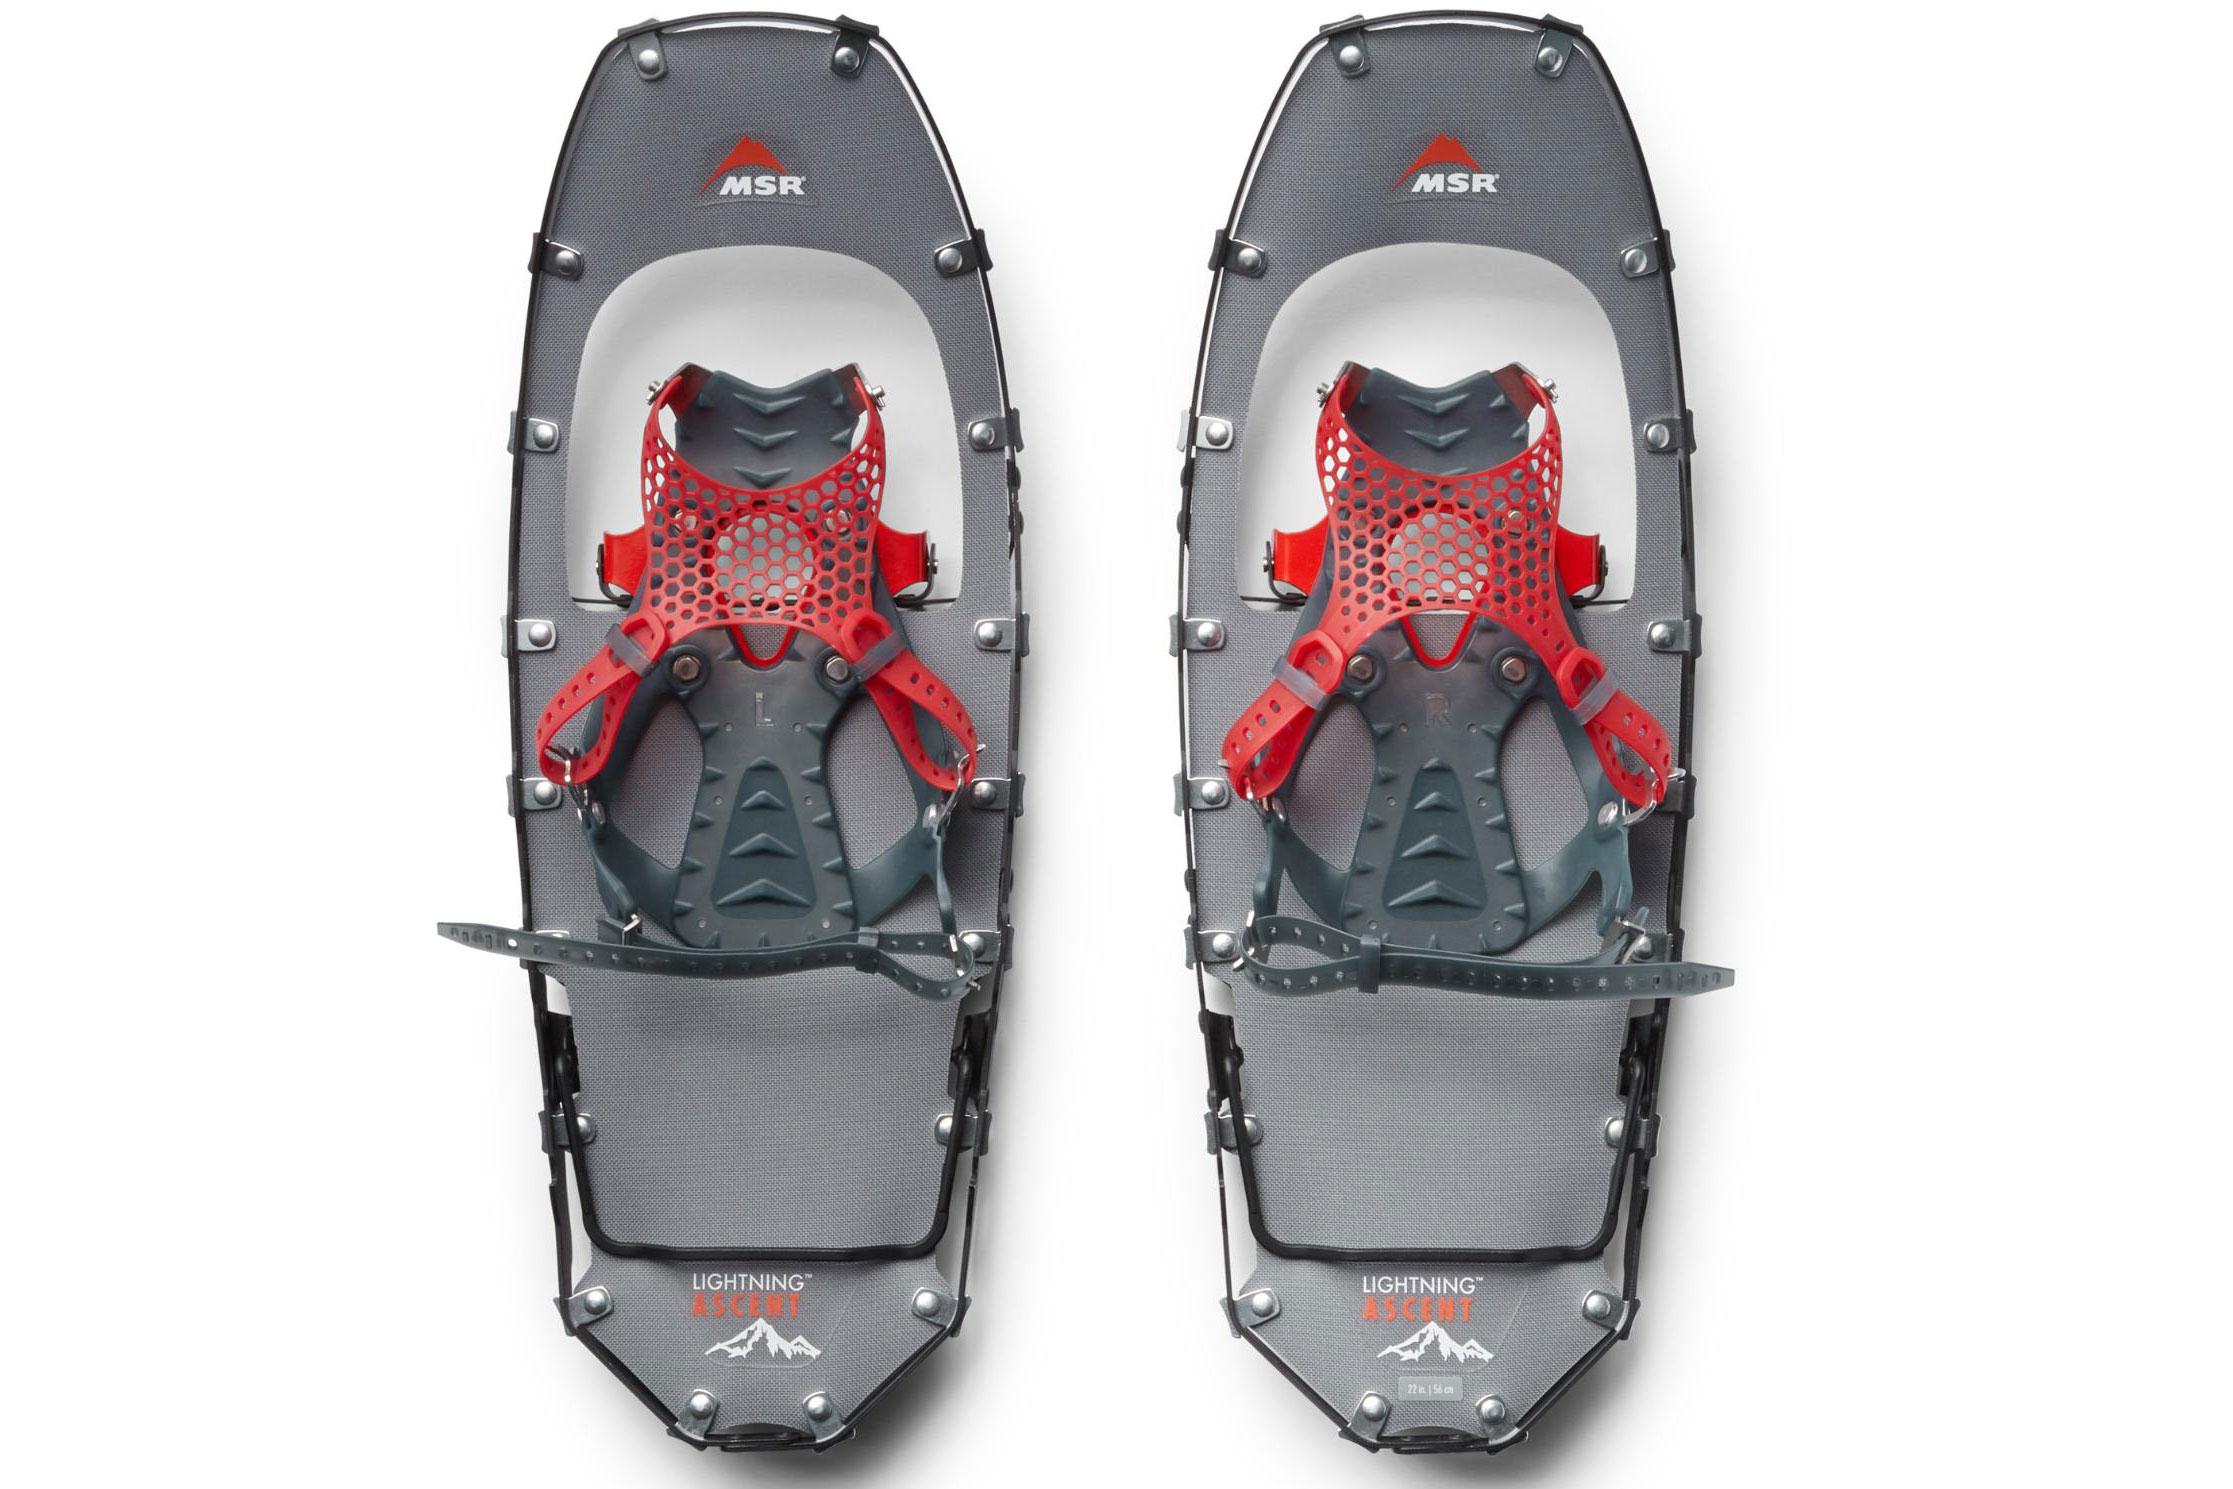 MSR Lightning Snowshoes